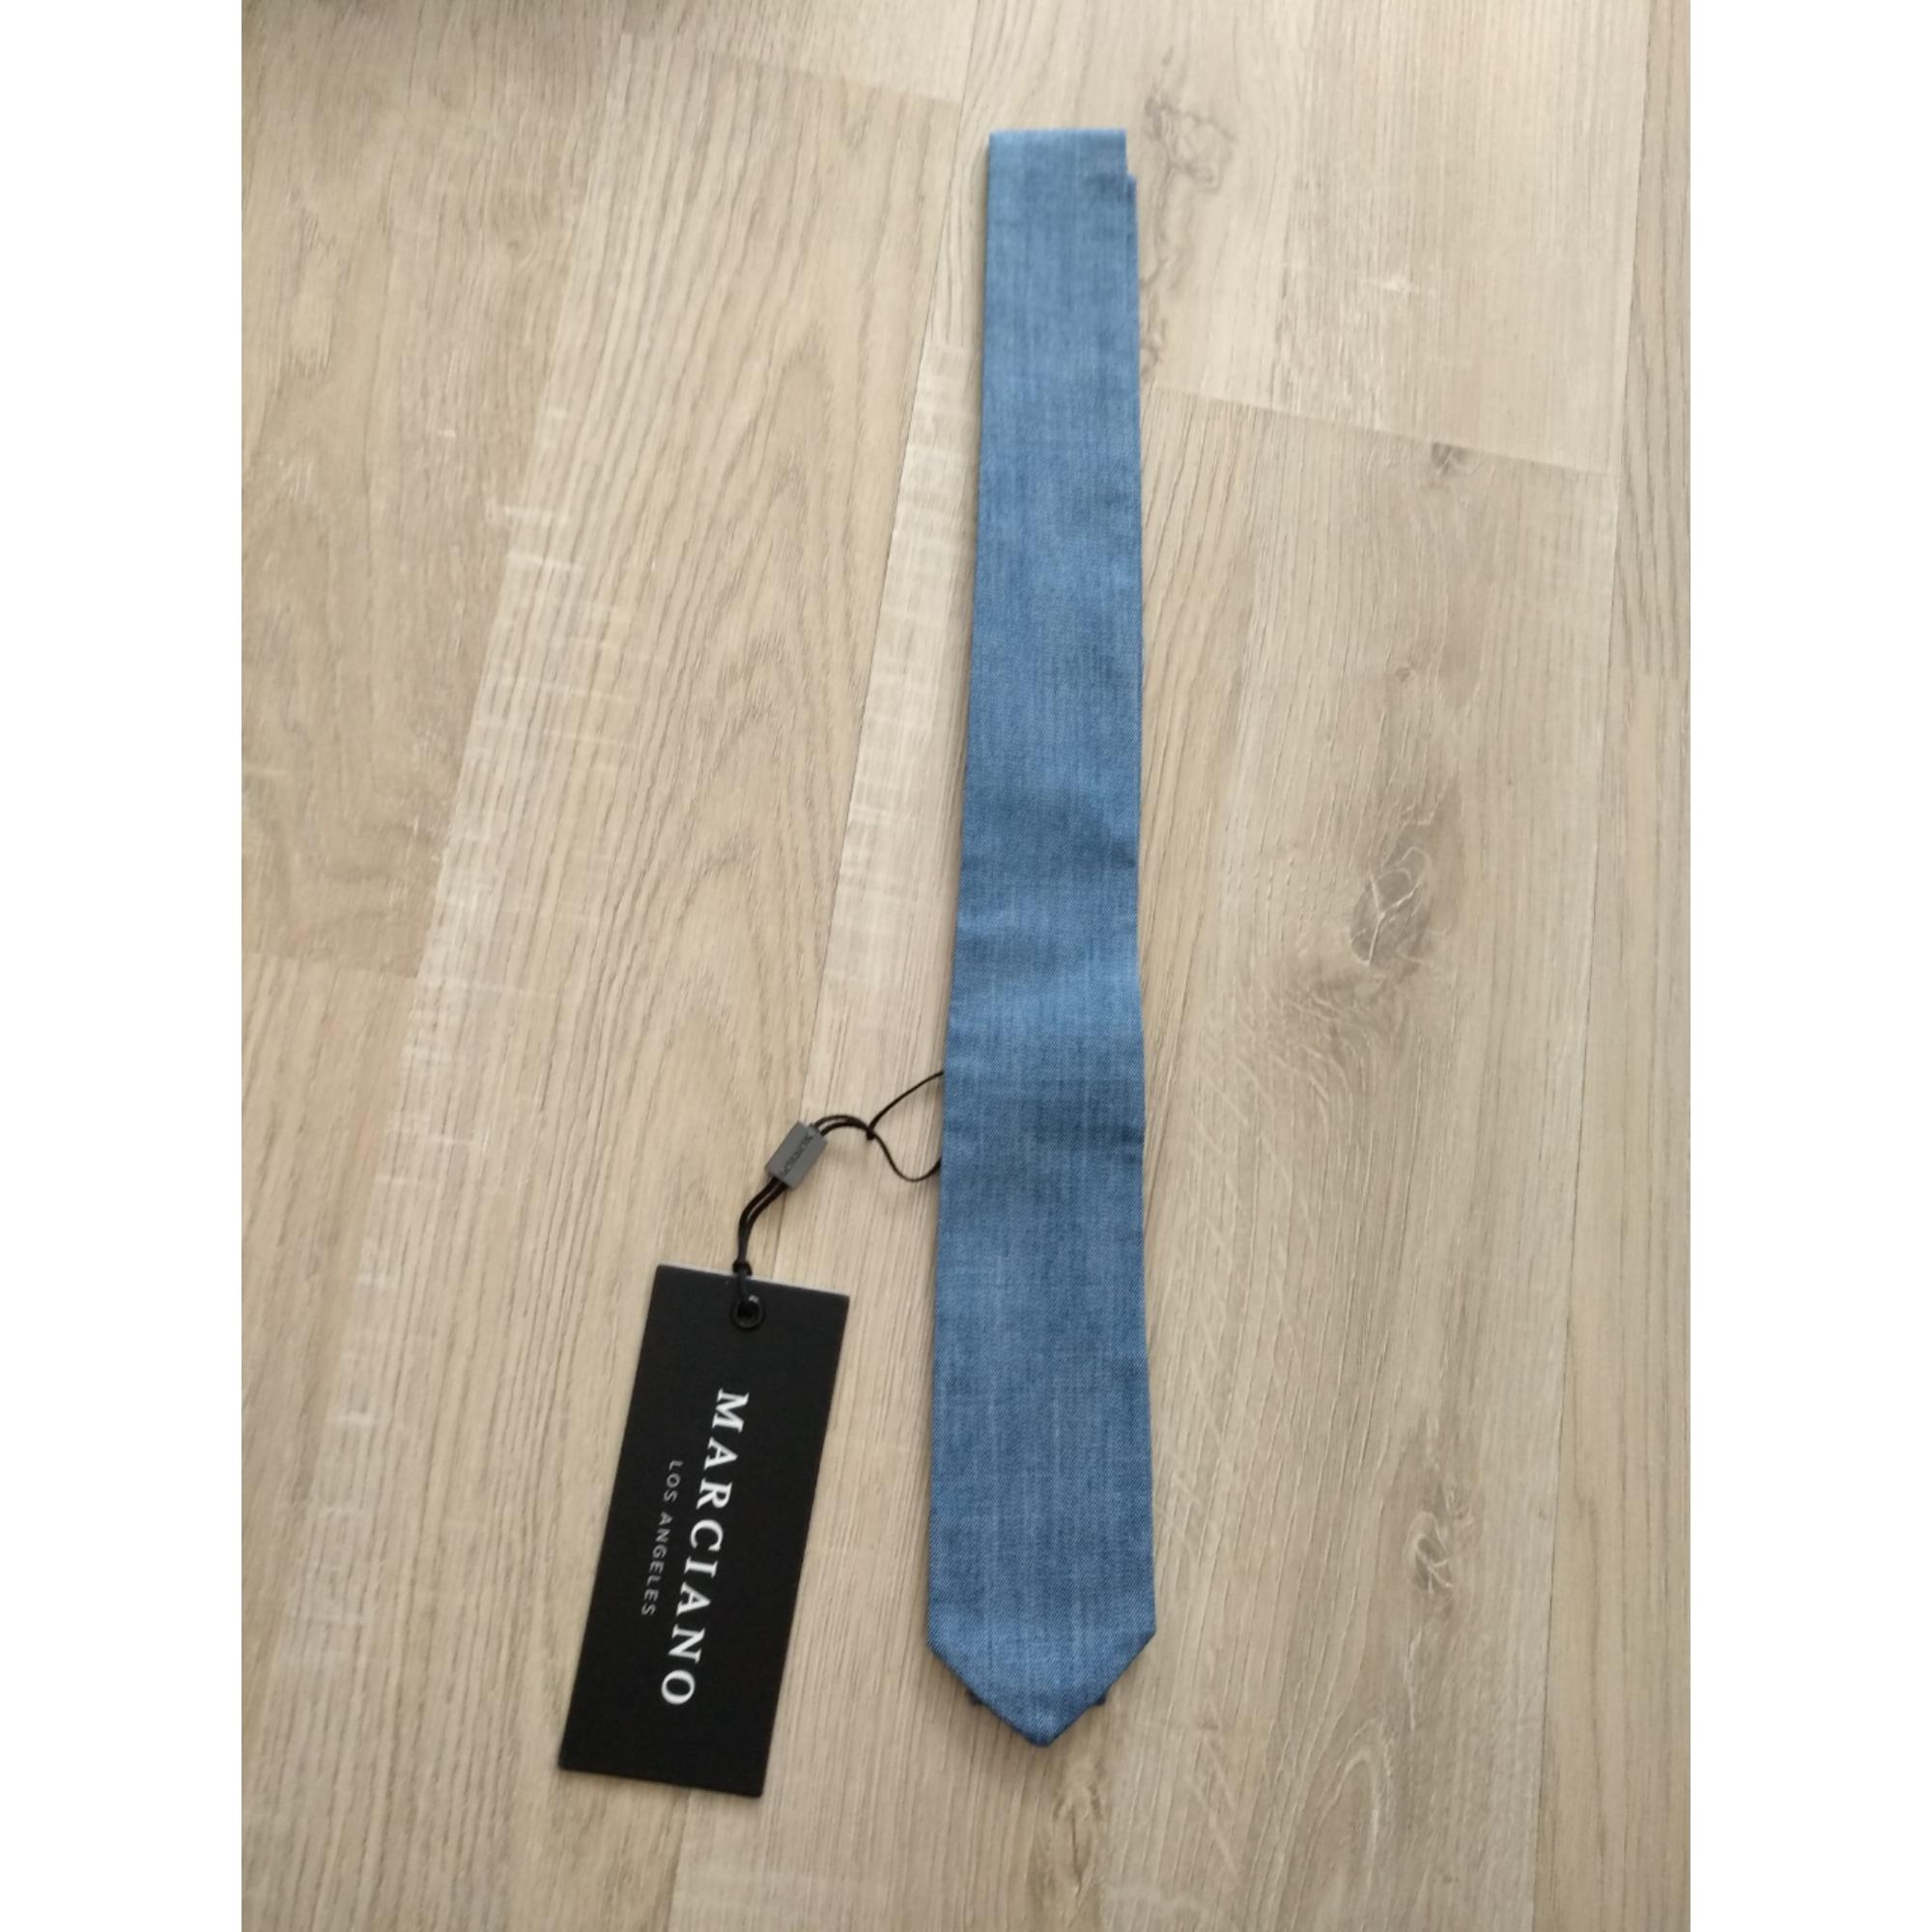 Cravate GUESS Bleu, bleu marine, bleu turquoise